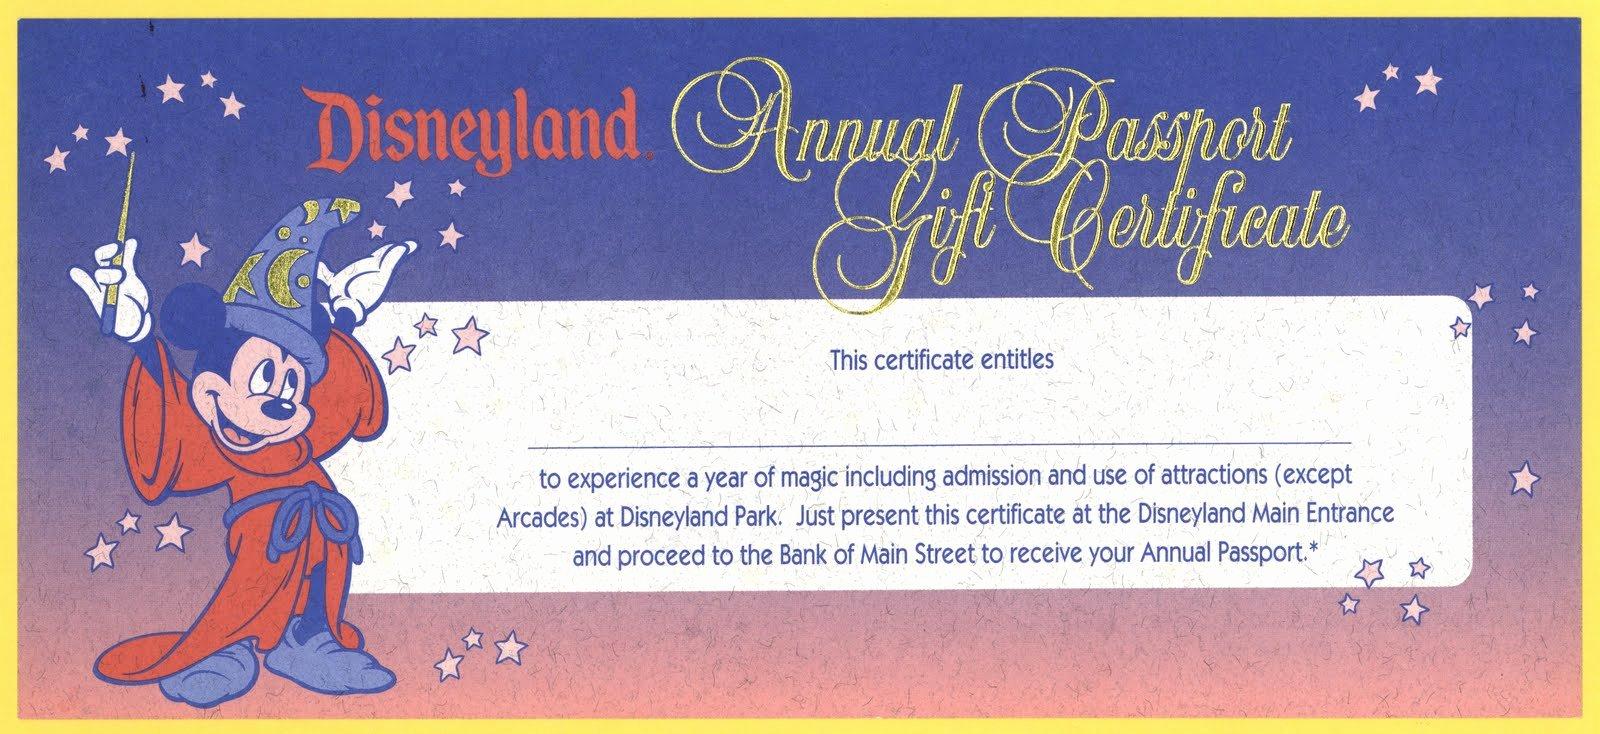 Disney Gift Certificate Template Fresh Vintage Disneyland Tickets Disneyland Annual Passport